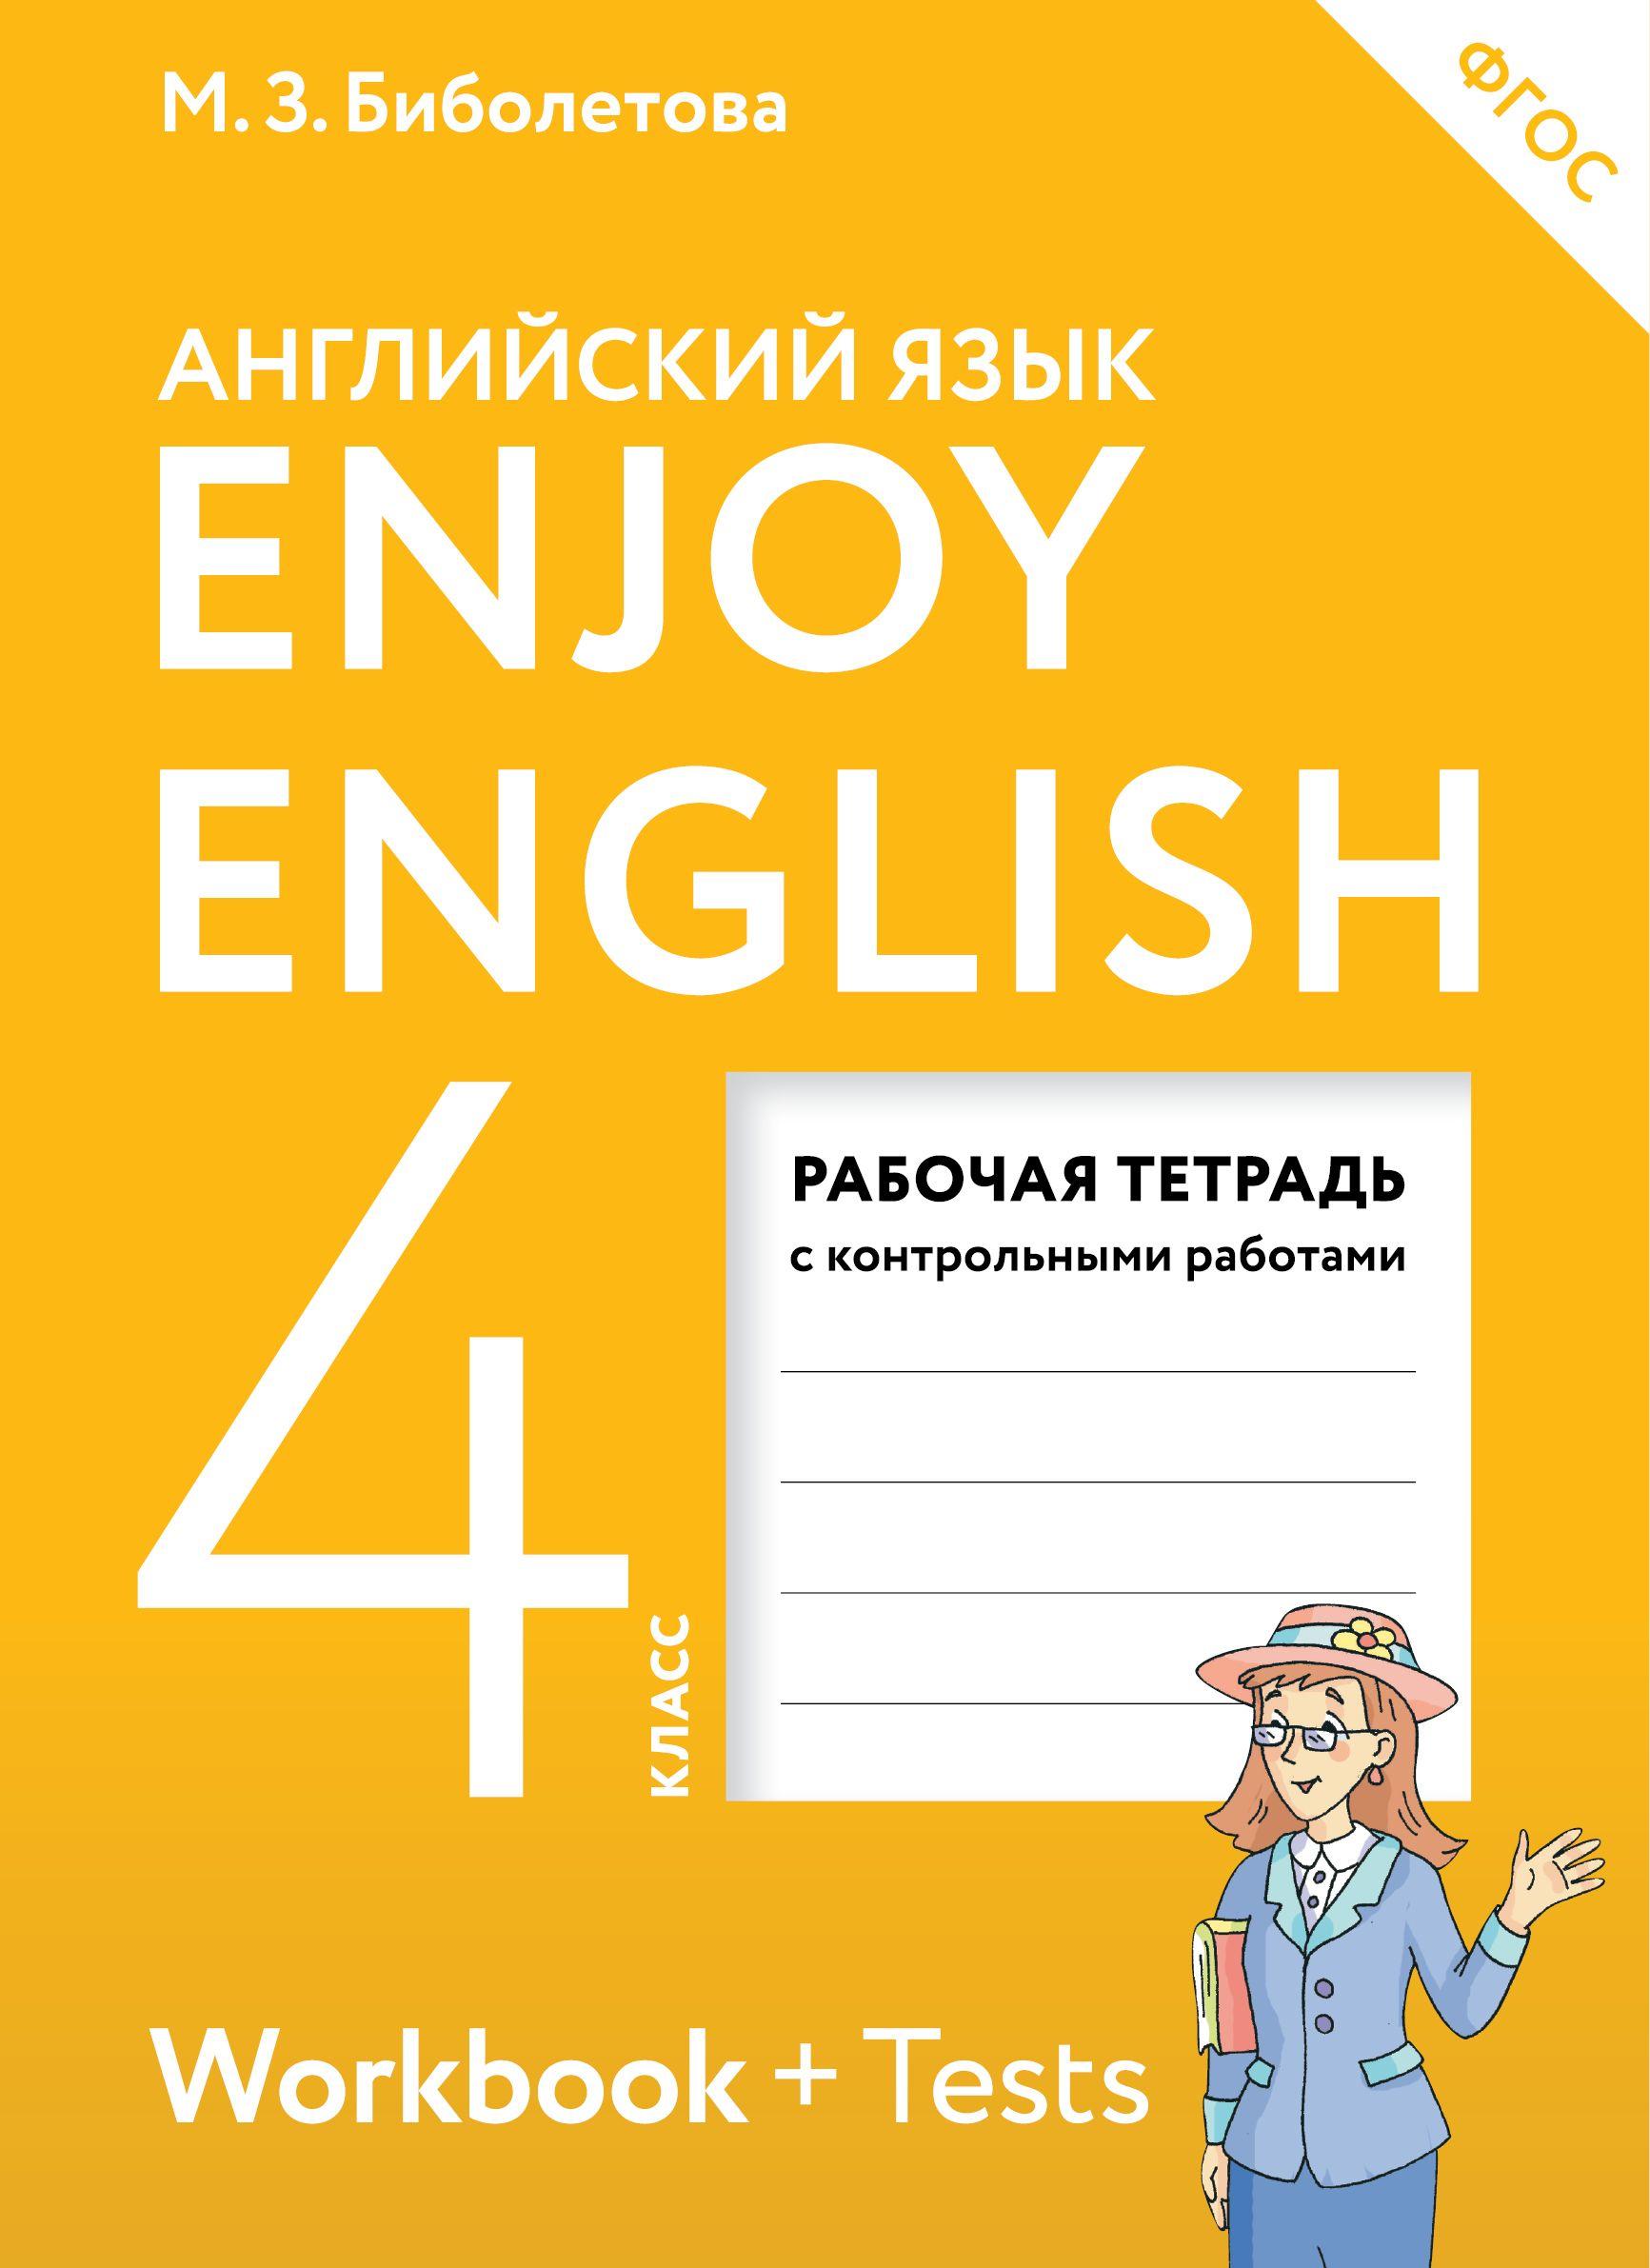 Рабочая тетрадь биболетова 4 класс скачать pdf.